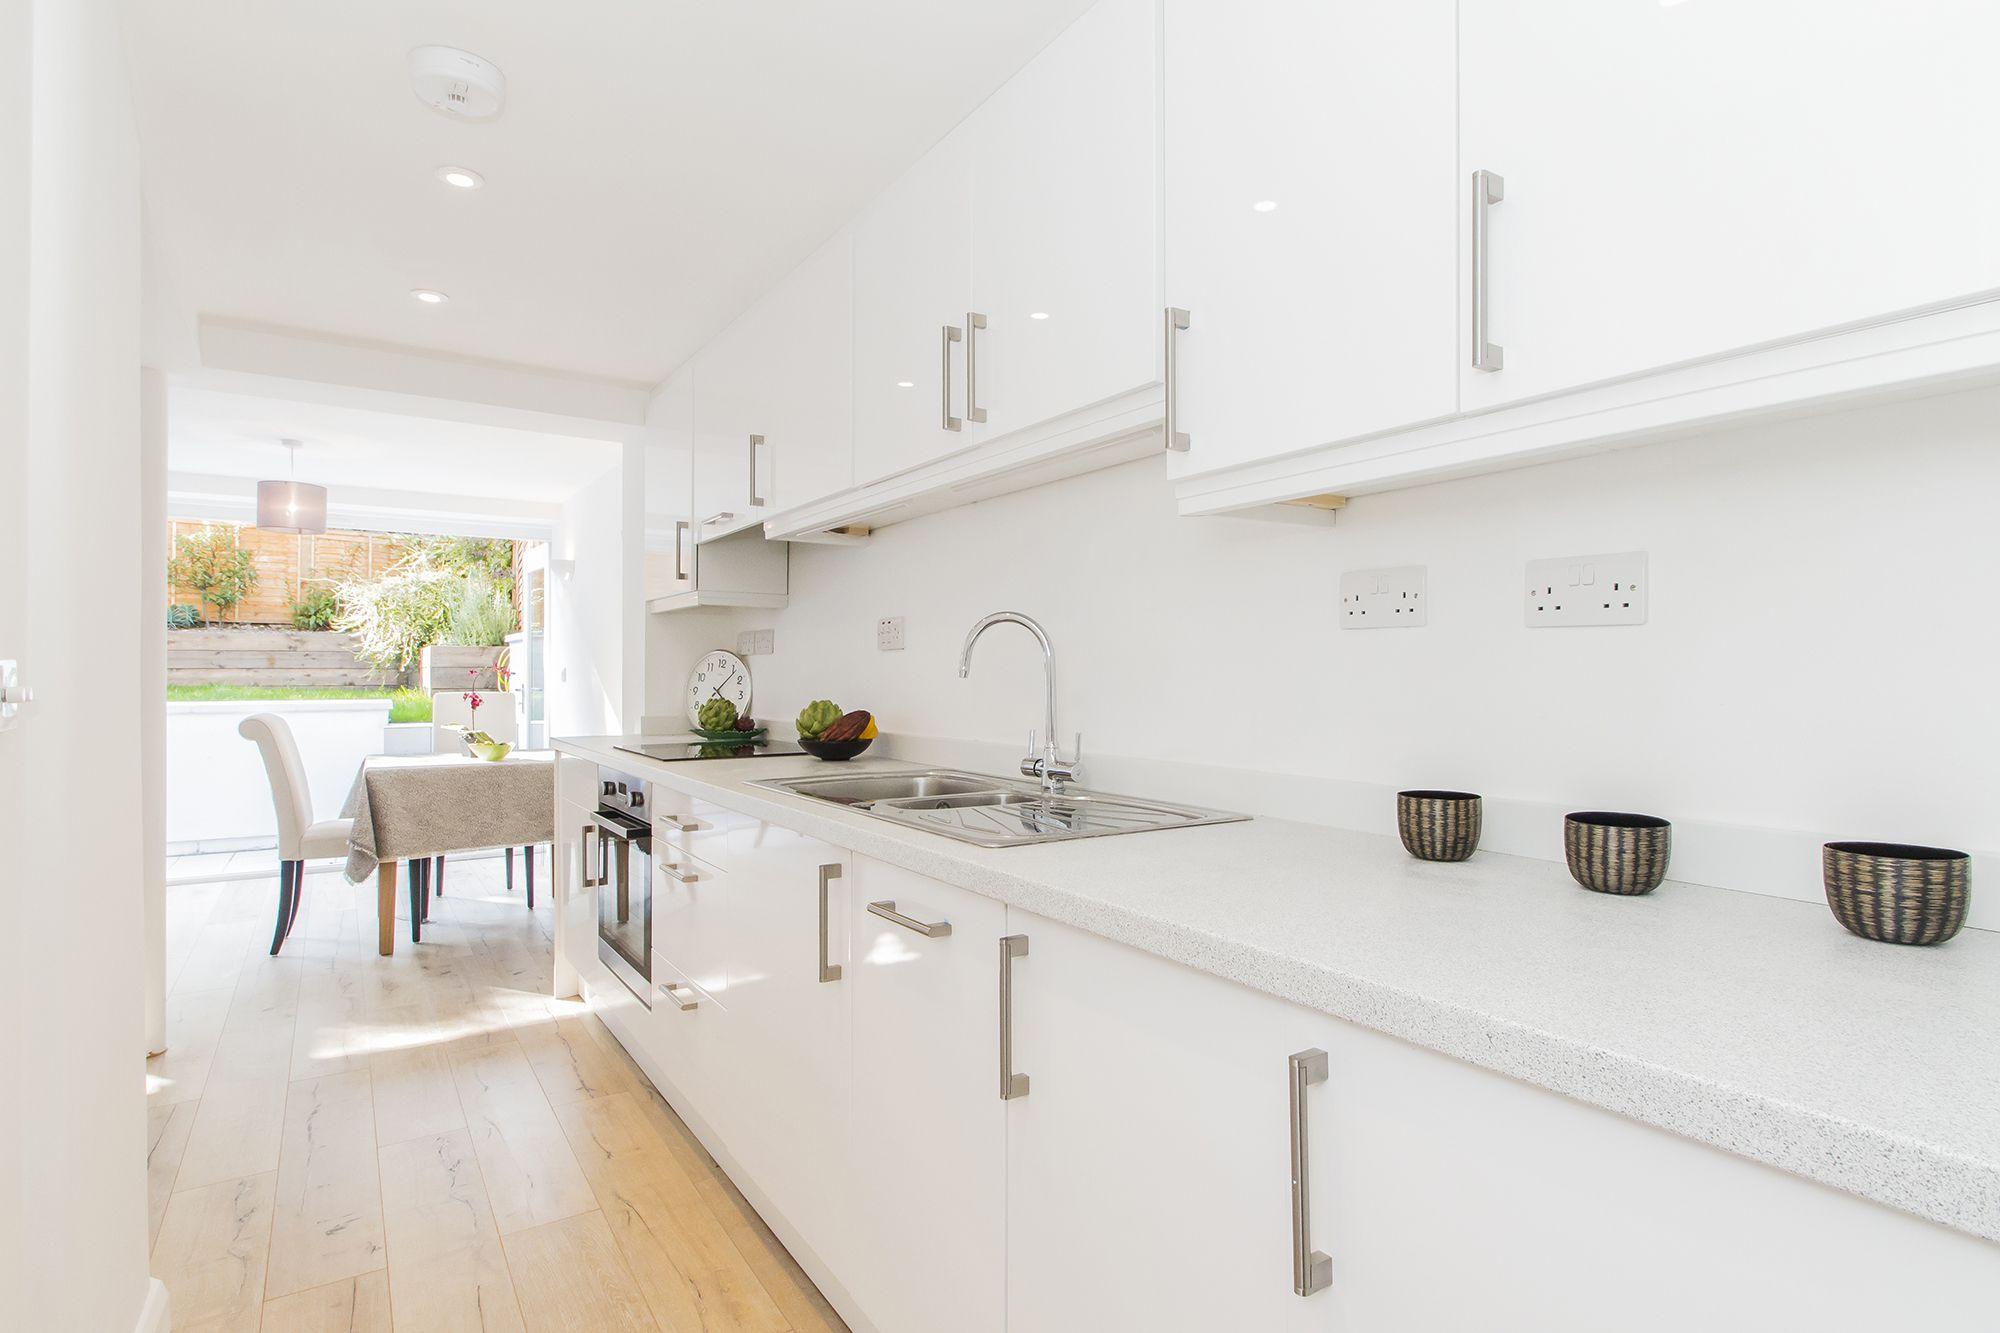 #modern #kitchen #interior #design #decor #astonrowe #london